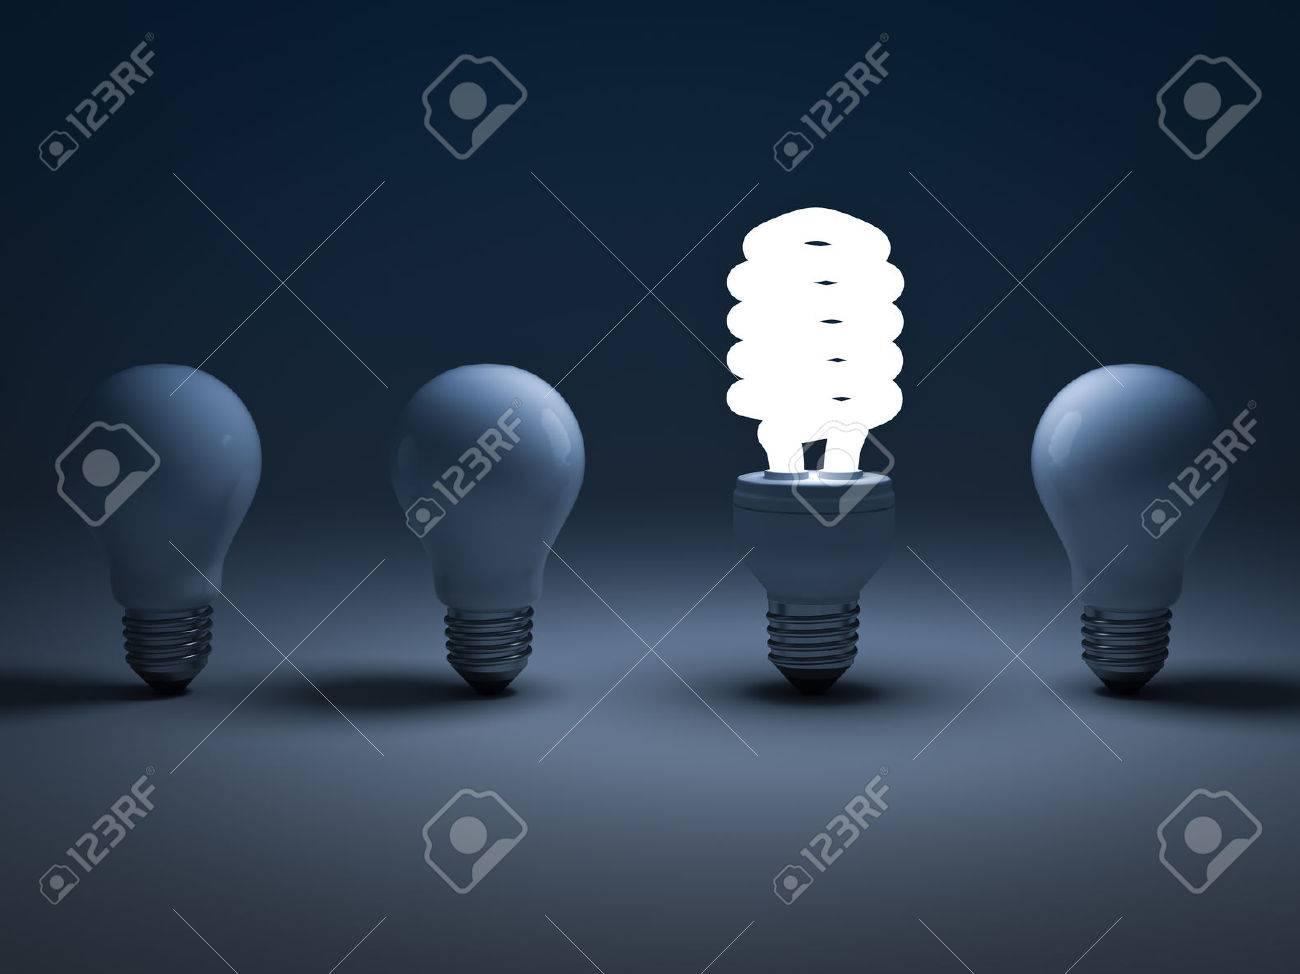 Eco ampoule économie d'énergie, un brillant ampoule fluorescente compacte debout parmi les ampoules à incandescence non éclairés, le concept différent Banque d'images - 31373446